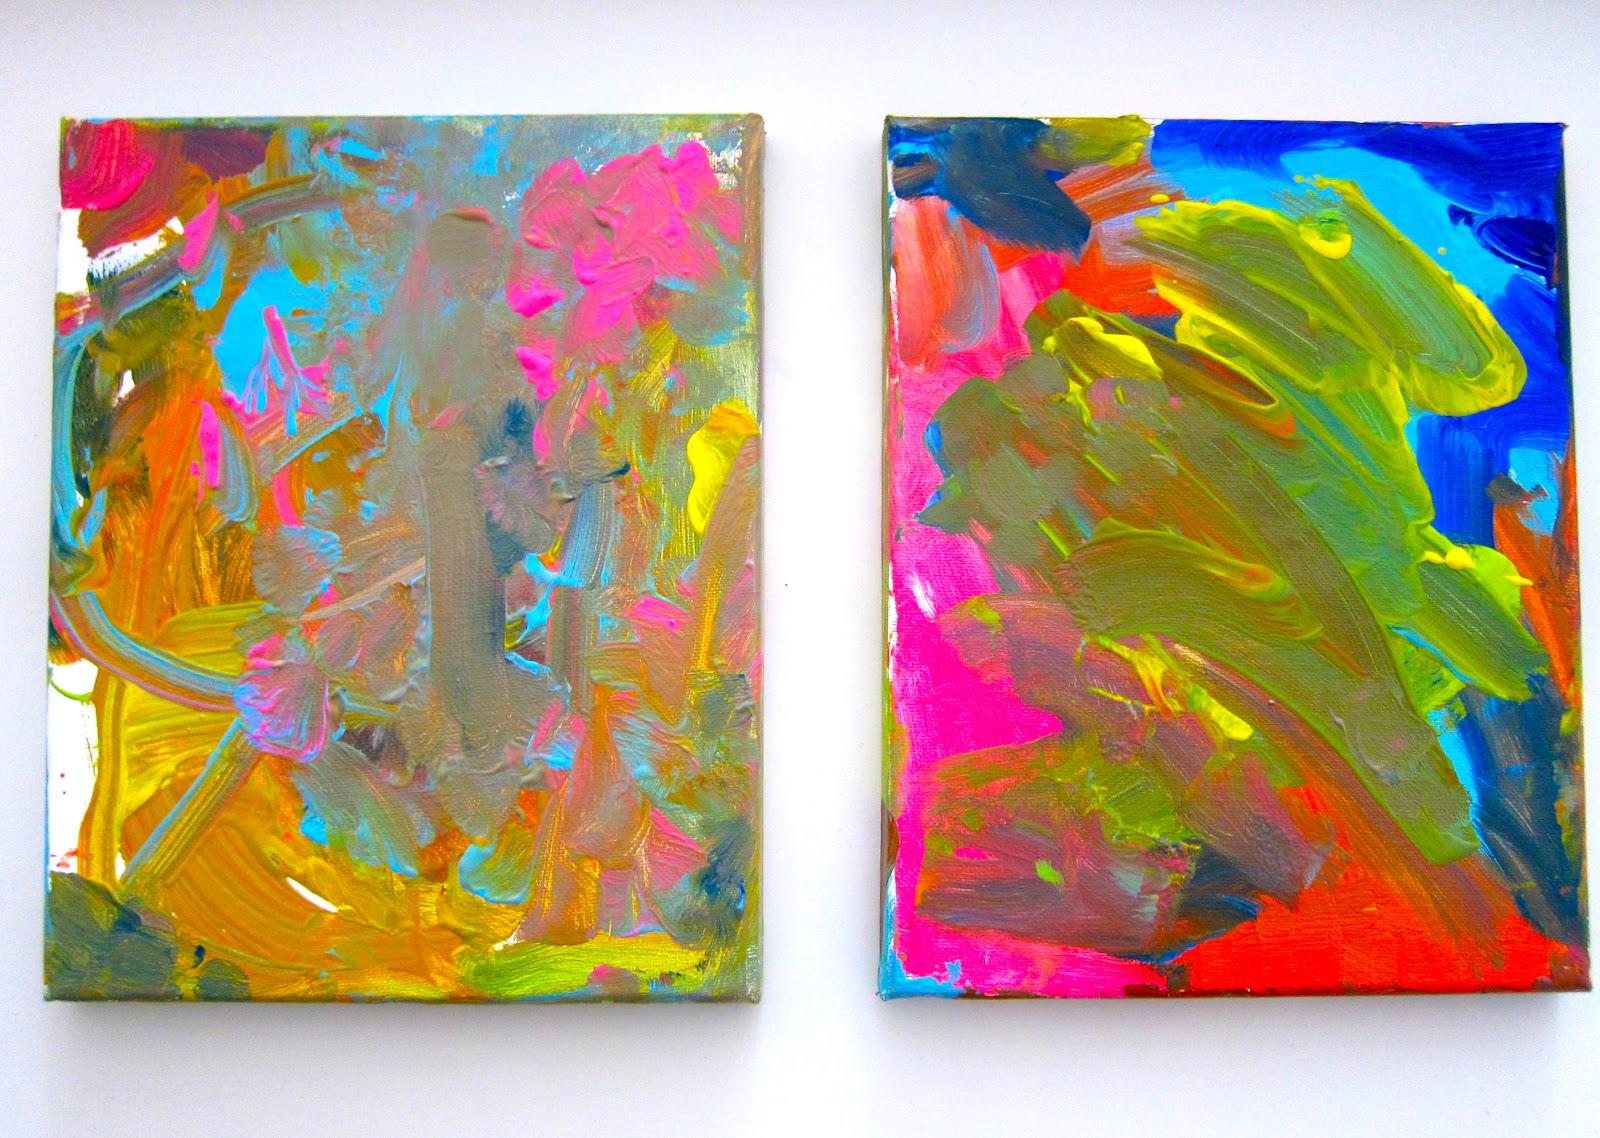 Artividades pintura sobre lienzo para ni os for Imagenes de cuadros abstractos para ninos